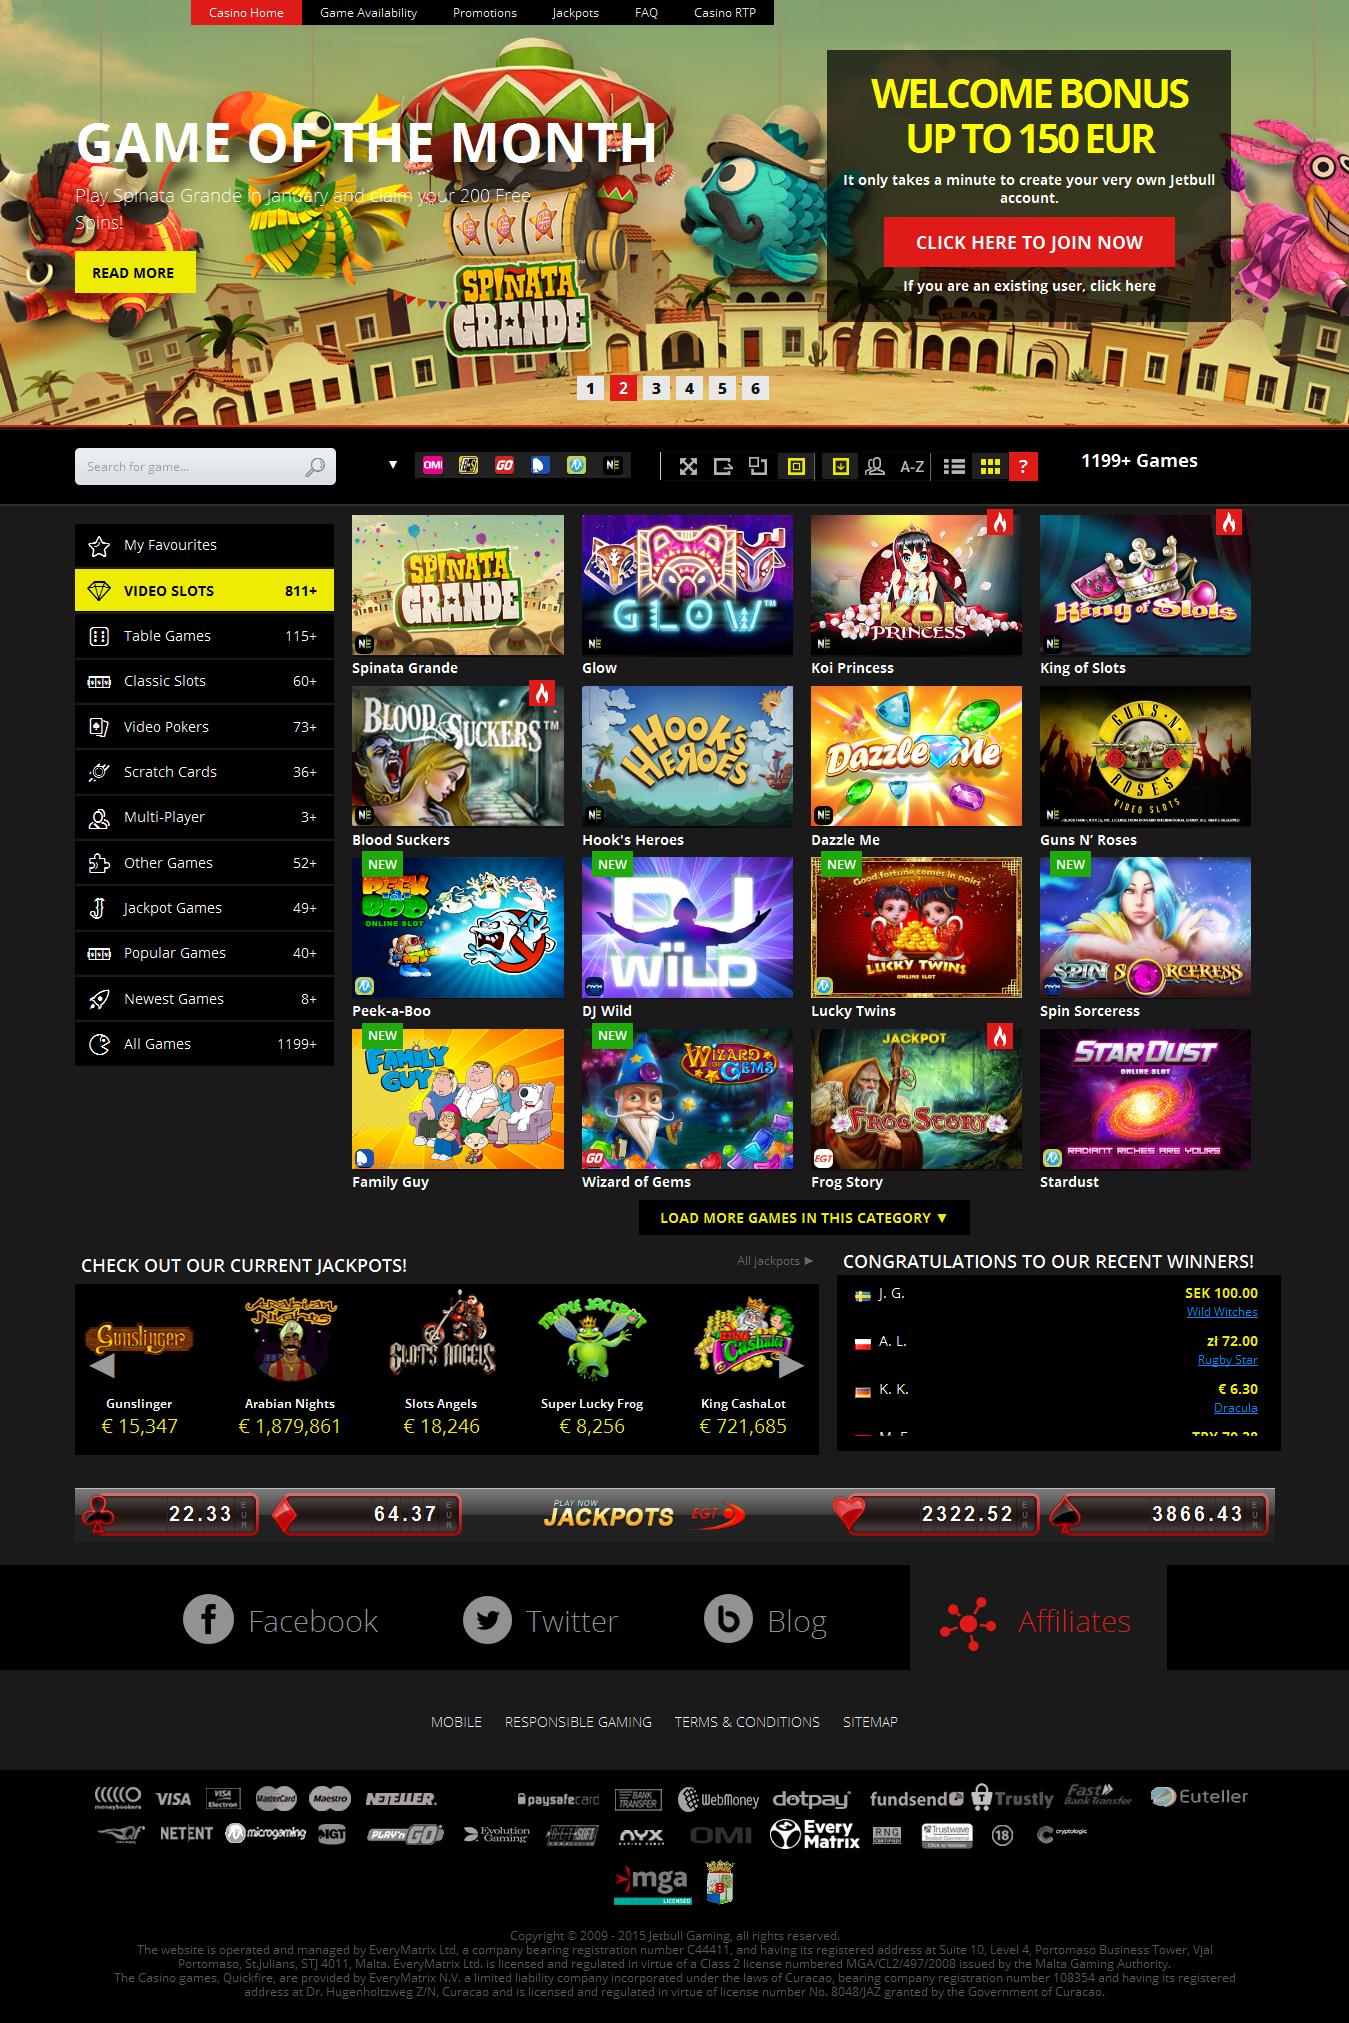 Cms для казино онлайн бесплатно лохотрон с выигрышами в казино онлайнi